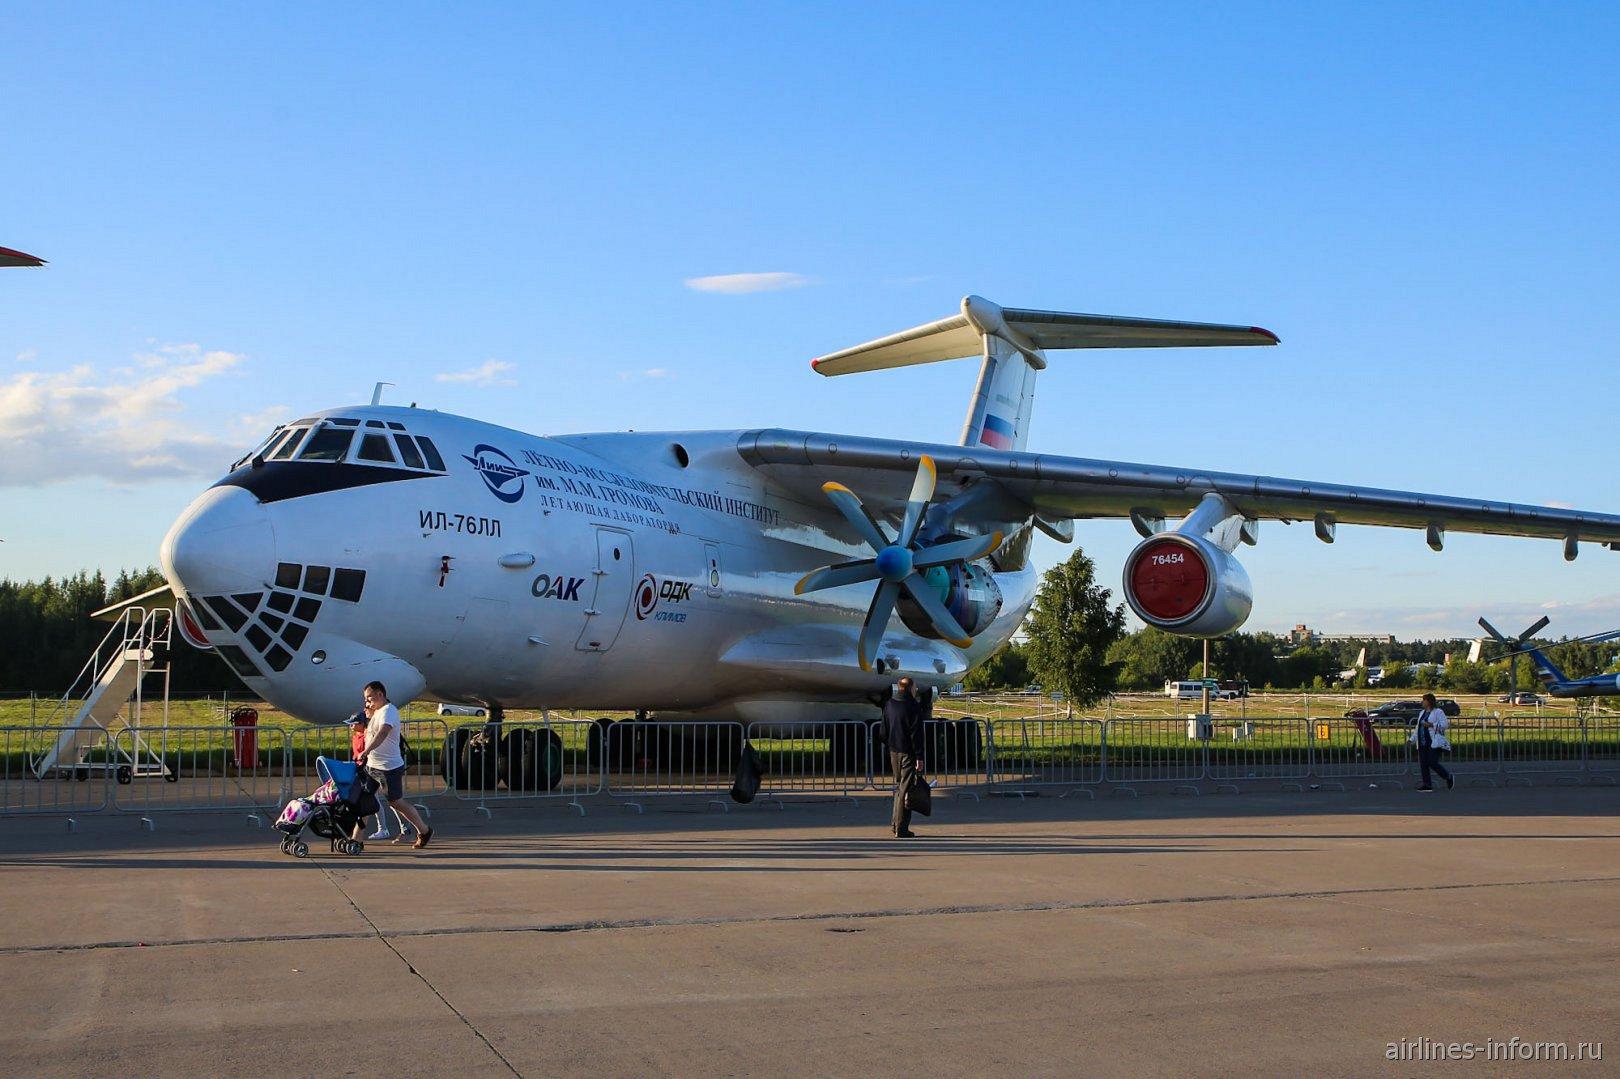 Летающая лаборатория на базе самолета Ил-76